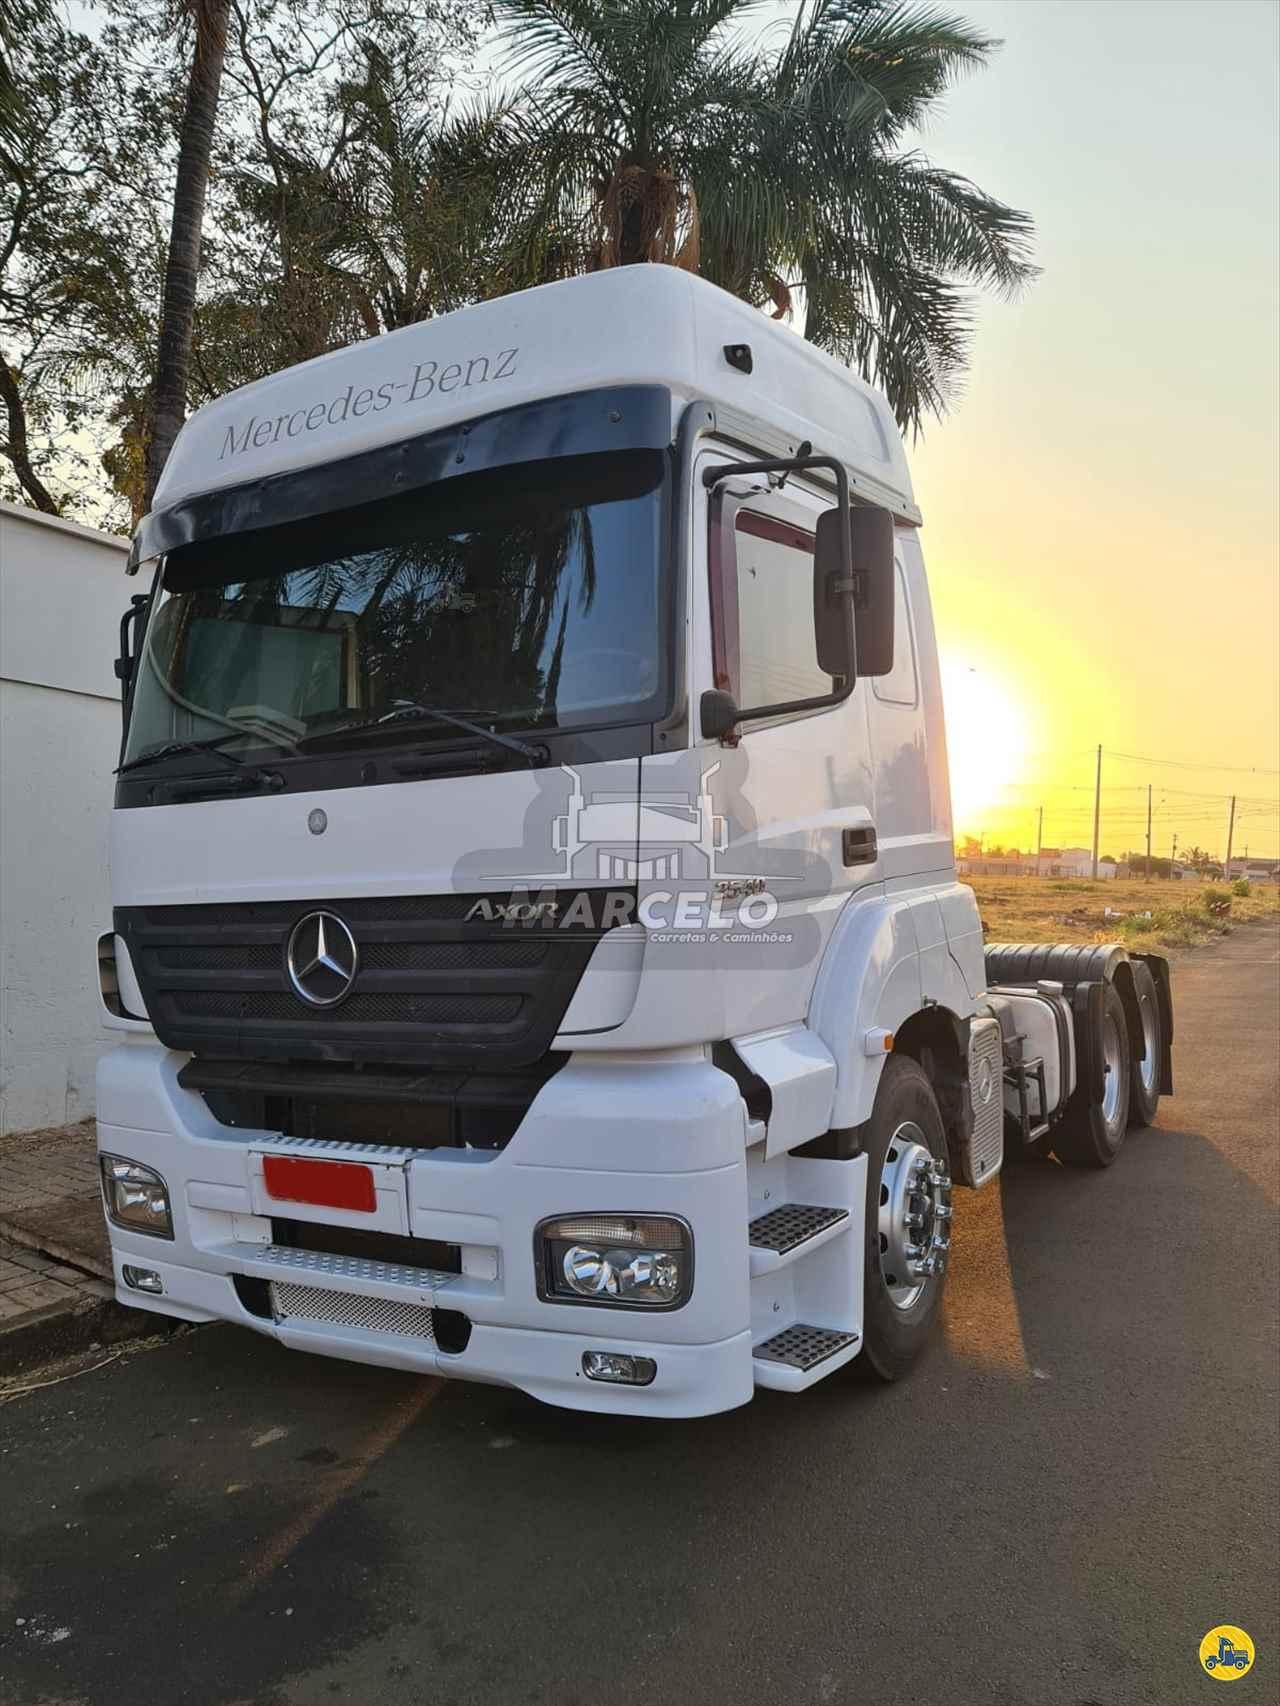 CAMINHAO MERCEDES-BENZ MB 2540 Cavalo Mecânico Truck 6x2 Marcelo Carretas e Caminhões PIRAPOZINHO SÃO PAULO SP